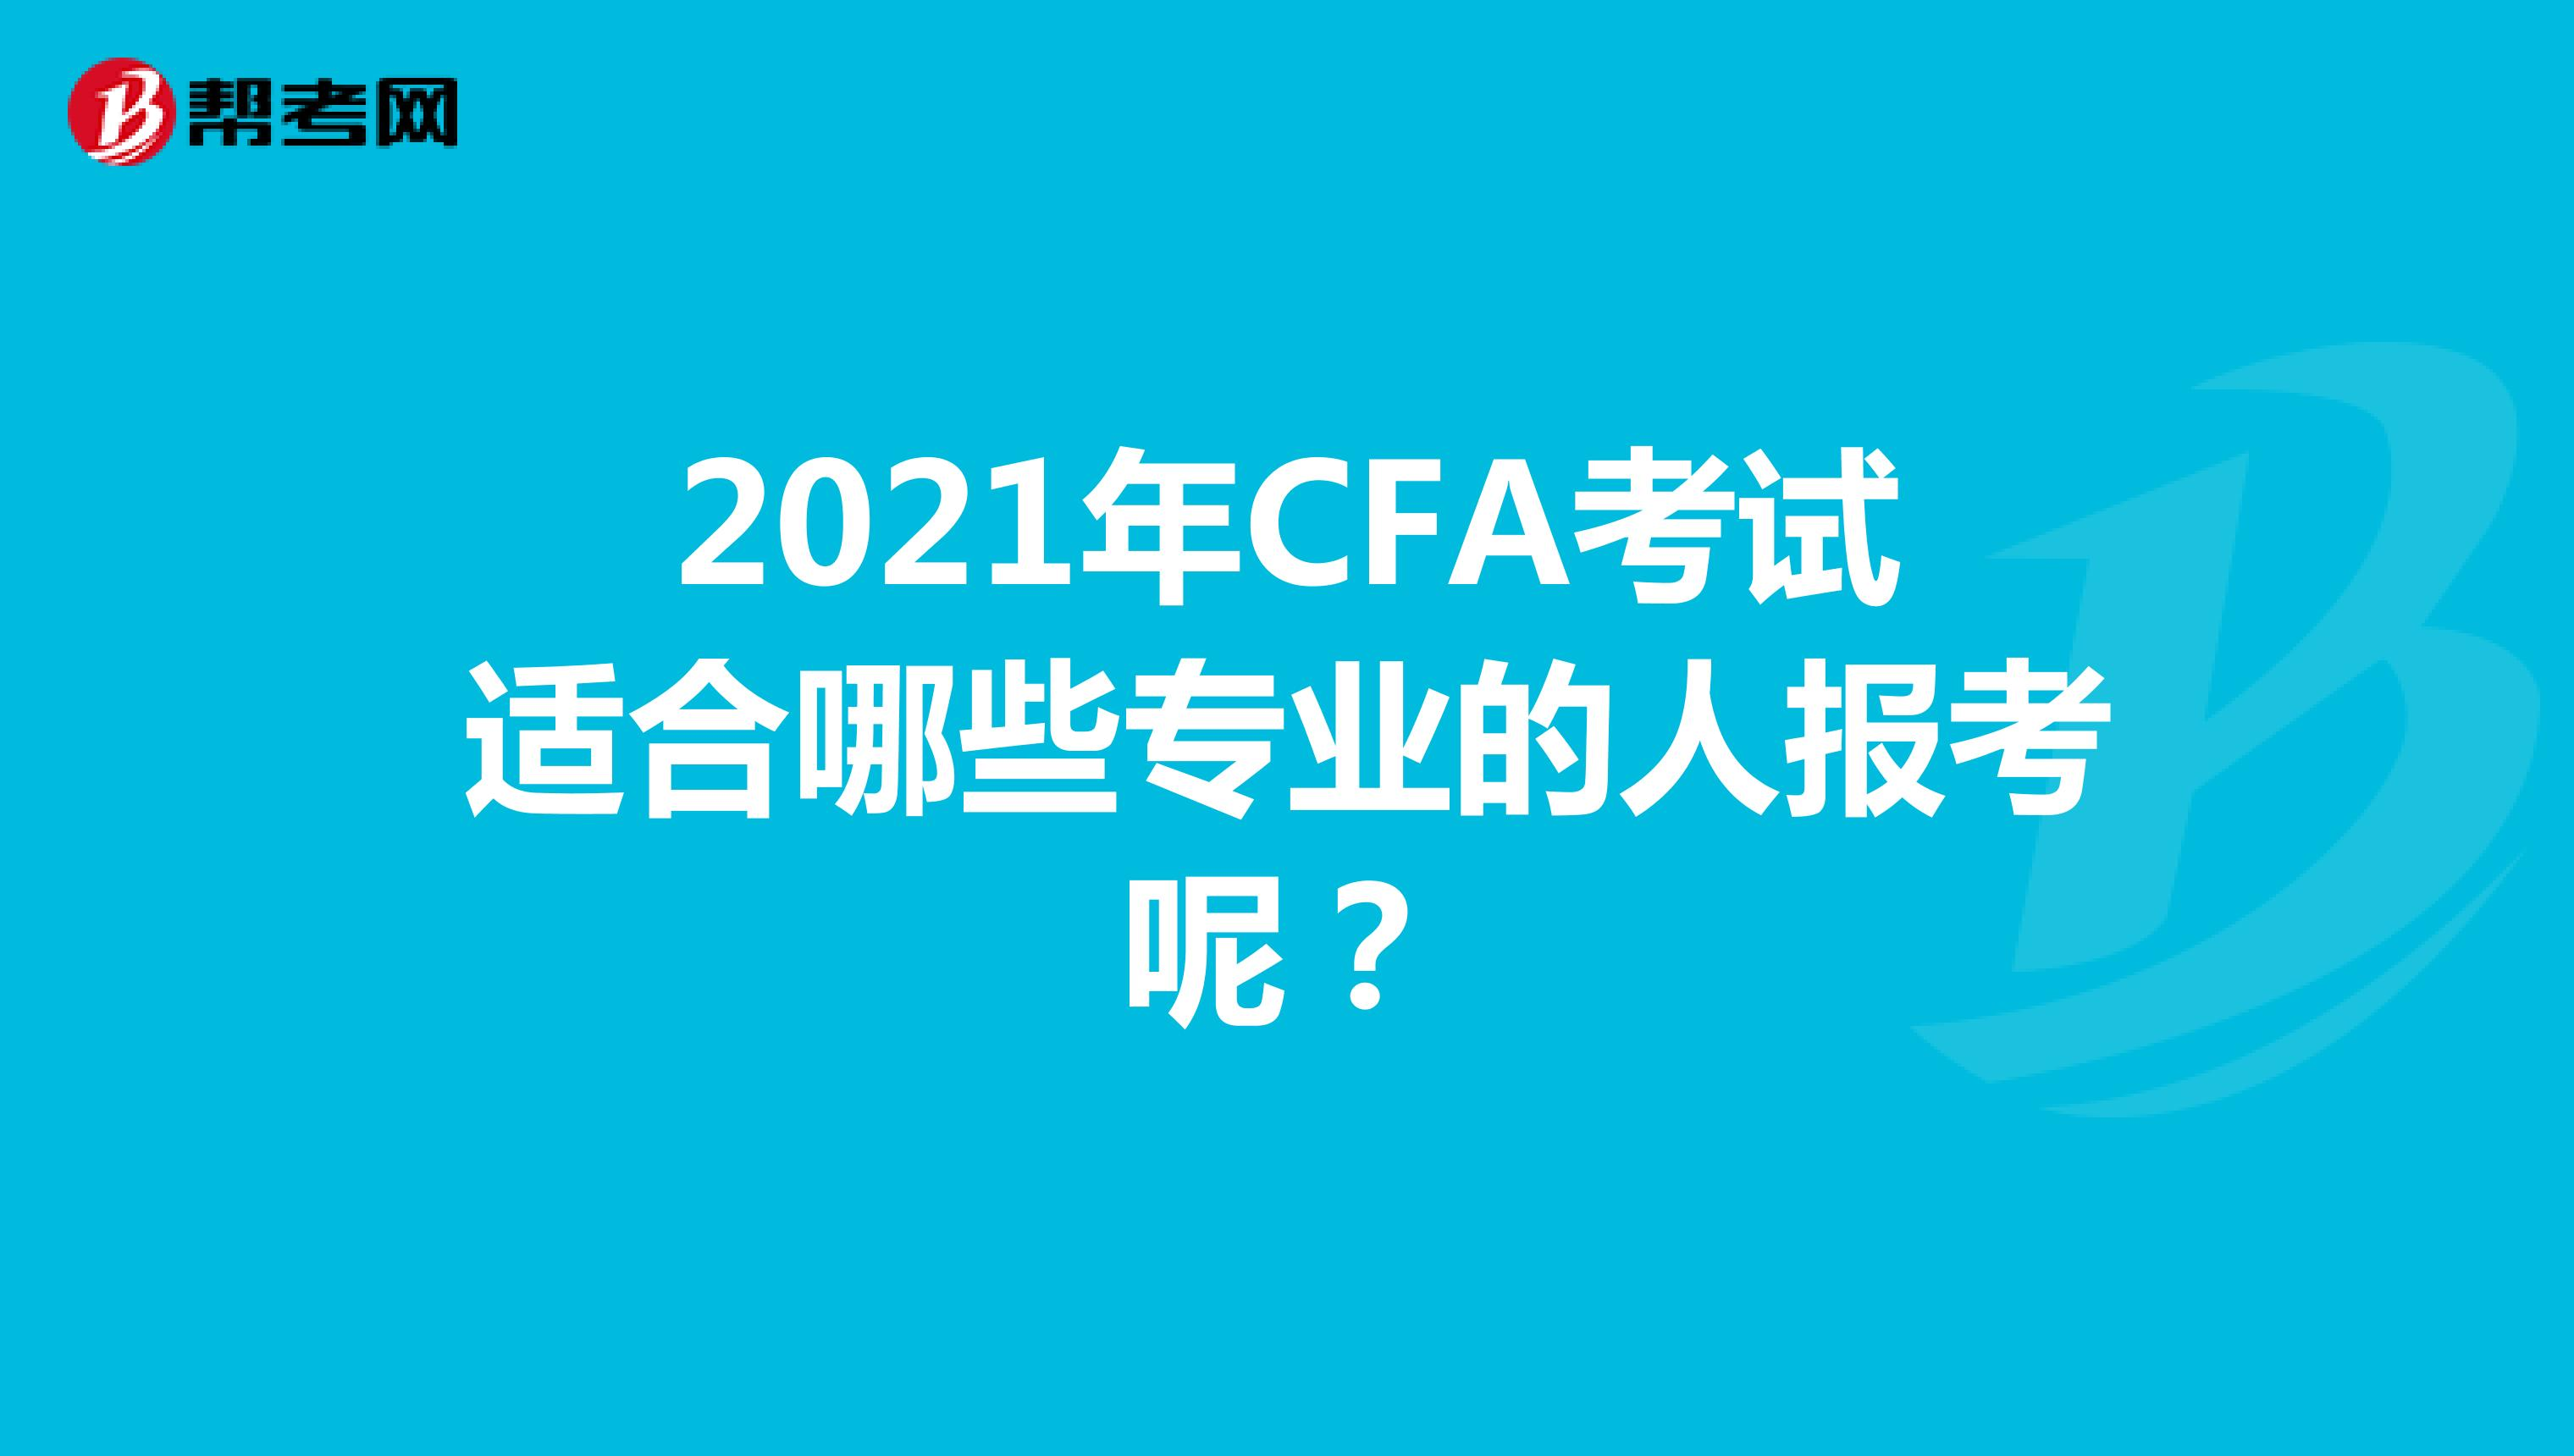 2021年CFA考试适合哪些专业的人报考呢?